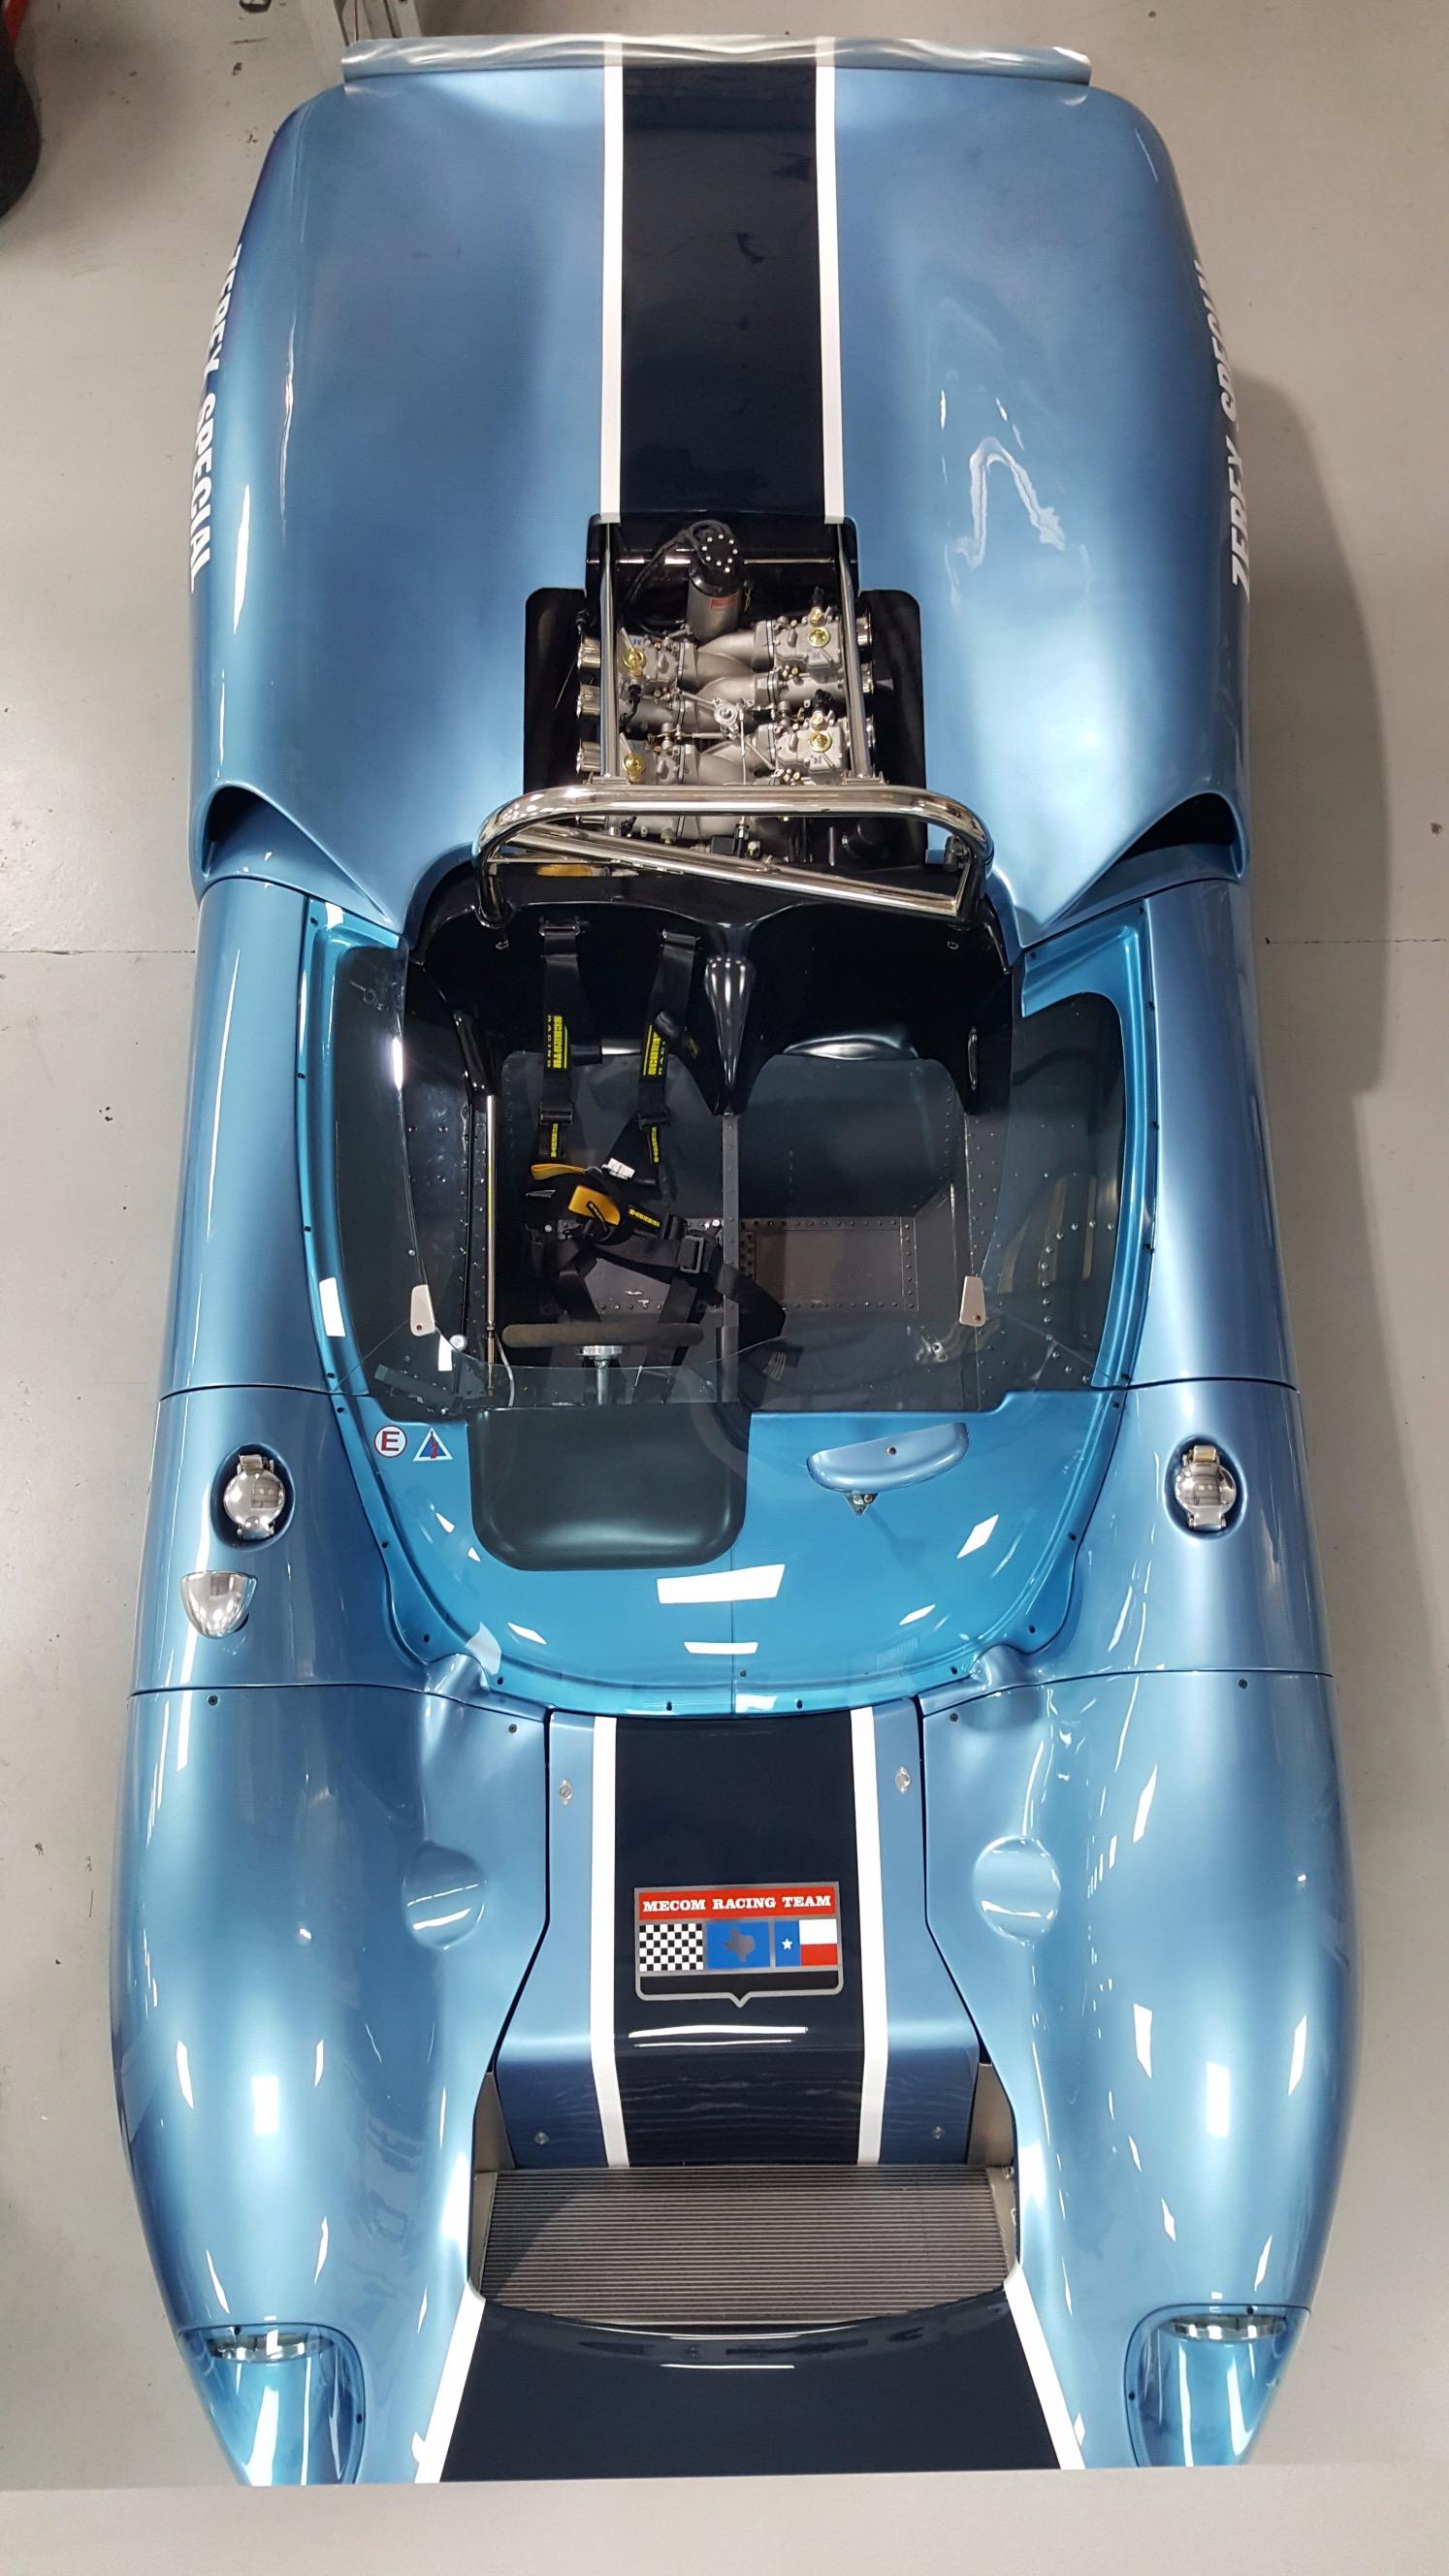 Lola T70 MKI